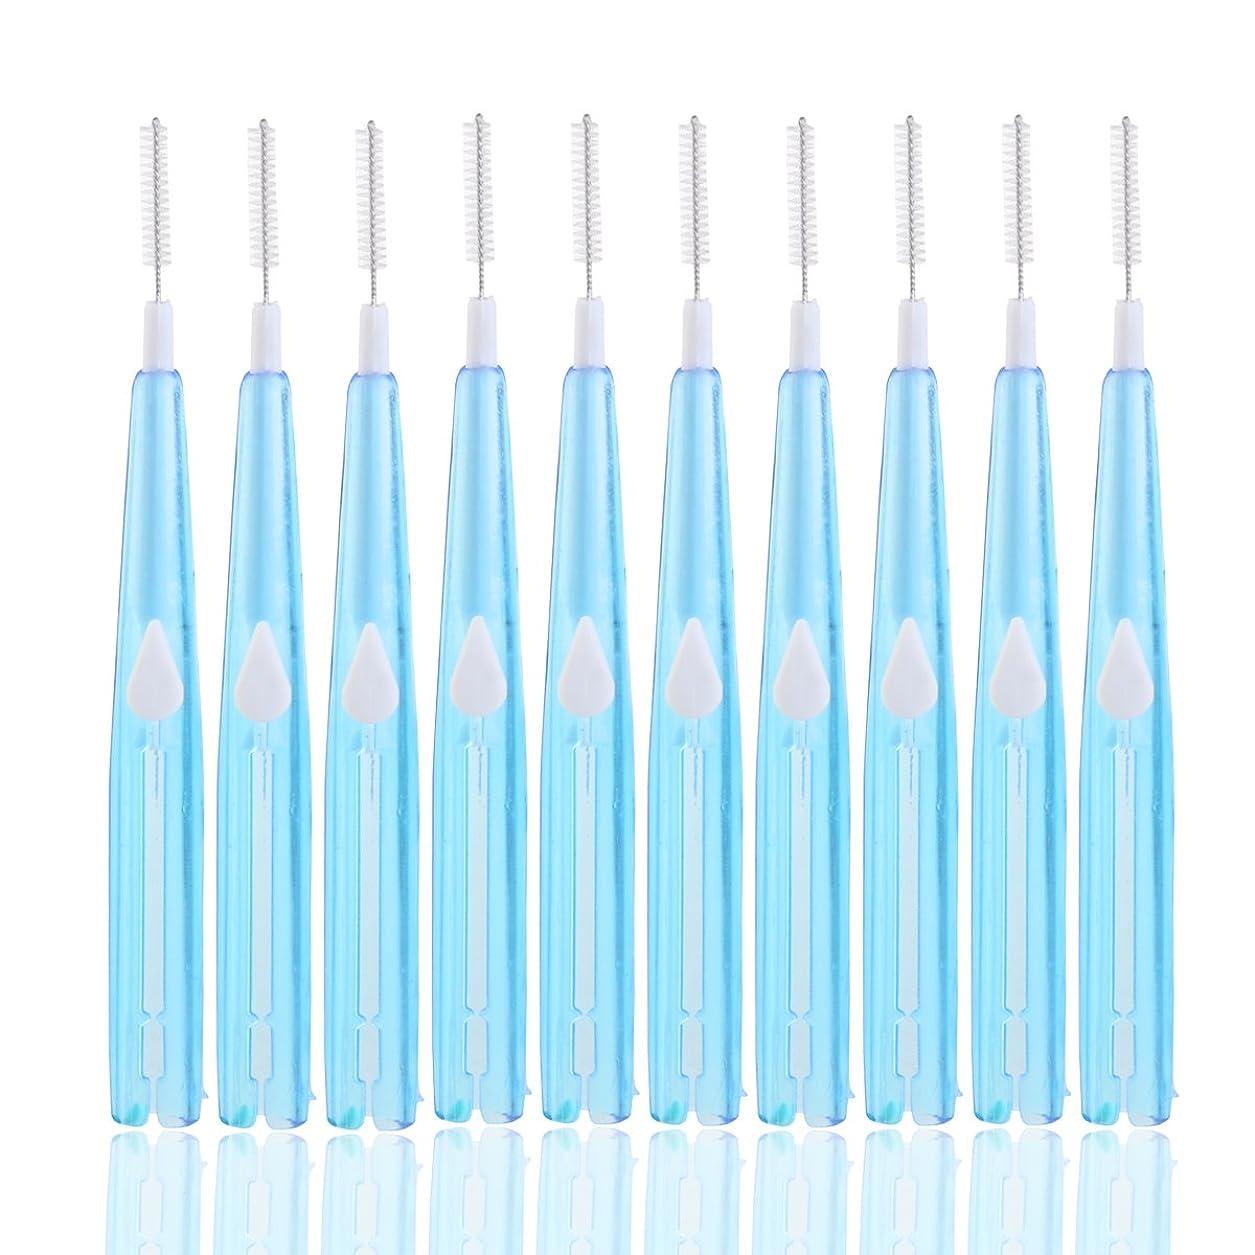 アジアクラスジョセフバンクスHealifty 歯間ブラシ歯間フロスクリーナー歯科用オーラルケアツール8本(ブルー)